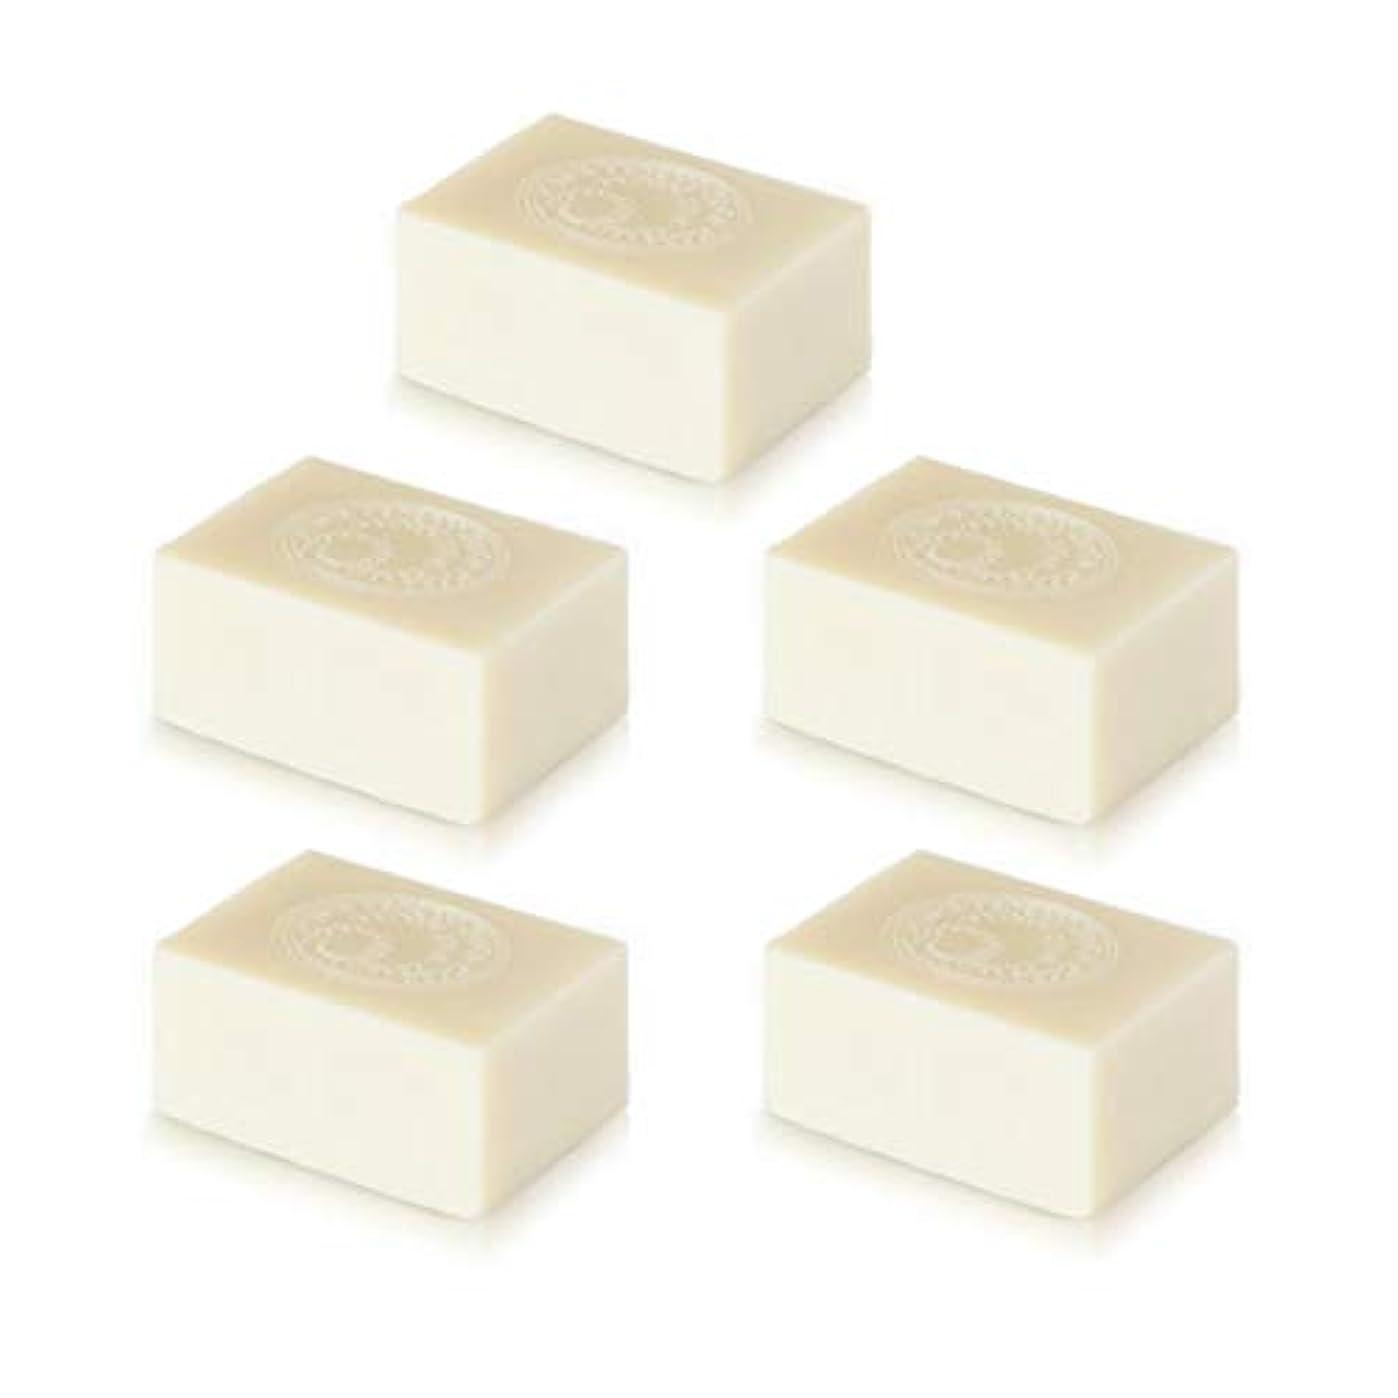 走るプロフェッショナルレパートリーナイアード アルガン石鹸5個セット( 145g ×5個)無添加アルガン石鹸